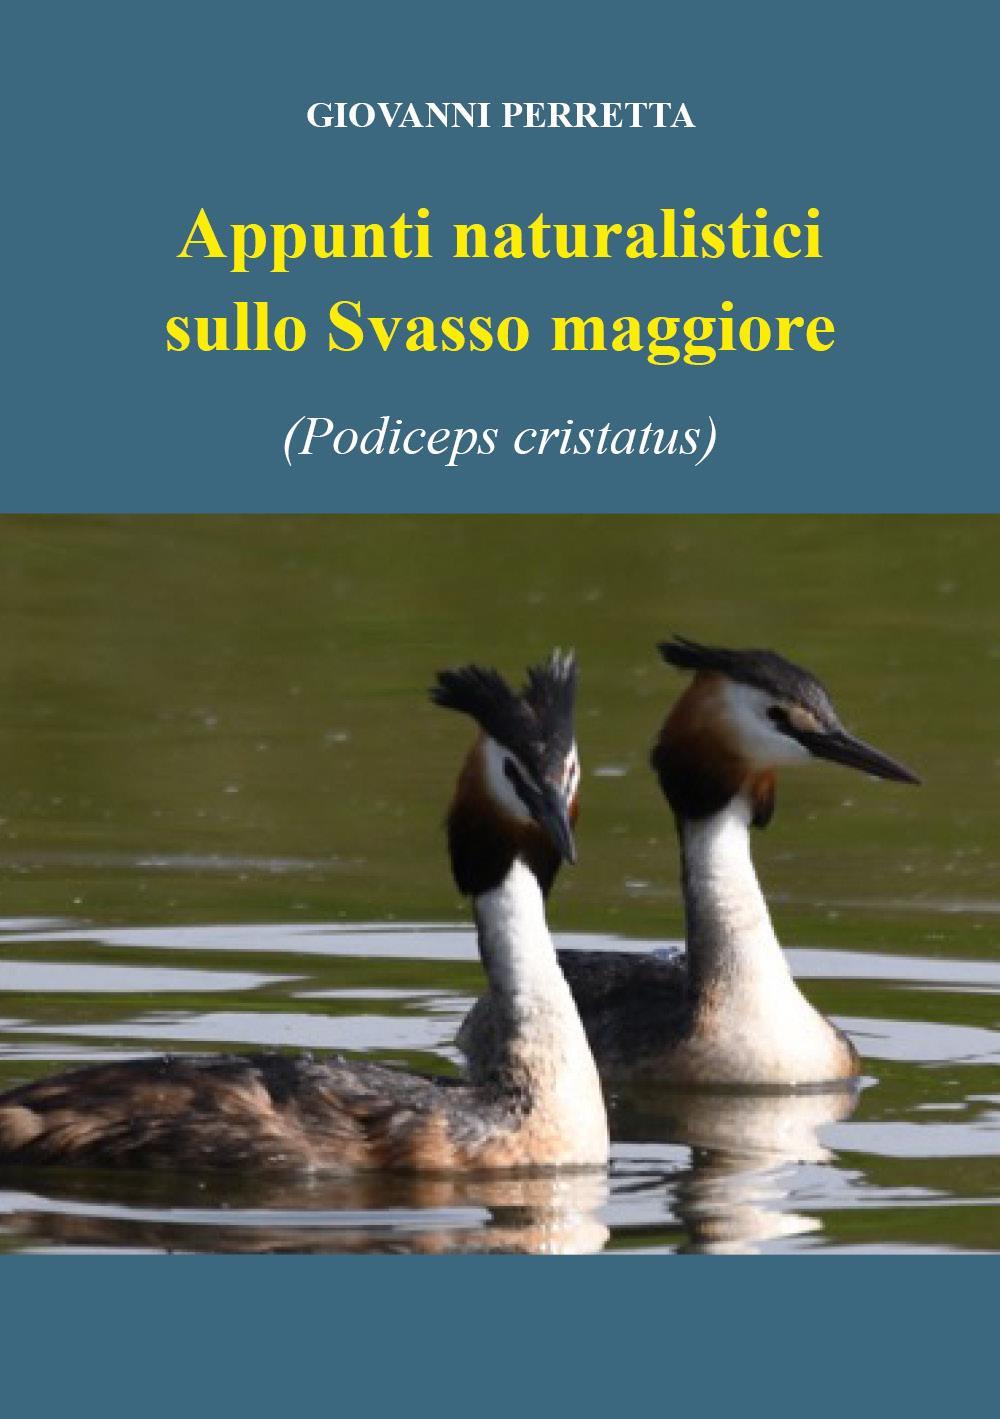 Appunti naturalistici sulla svasso maggiore (Podiceps cristatus)